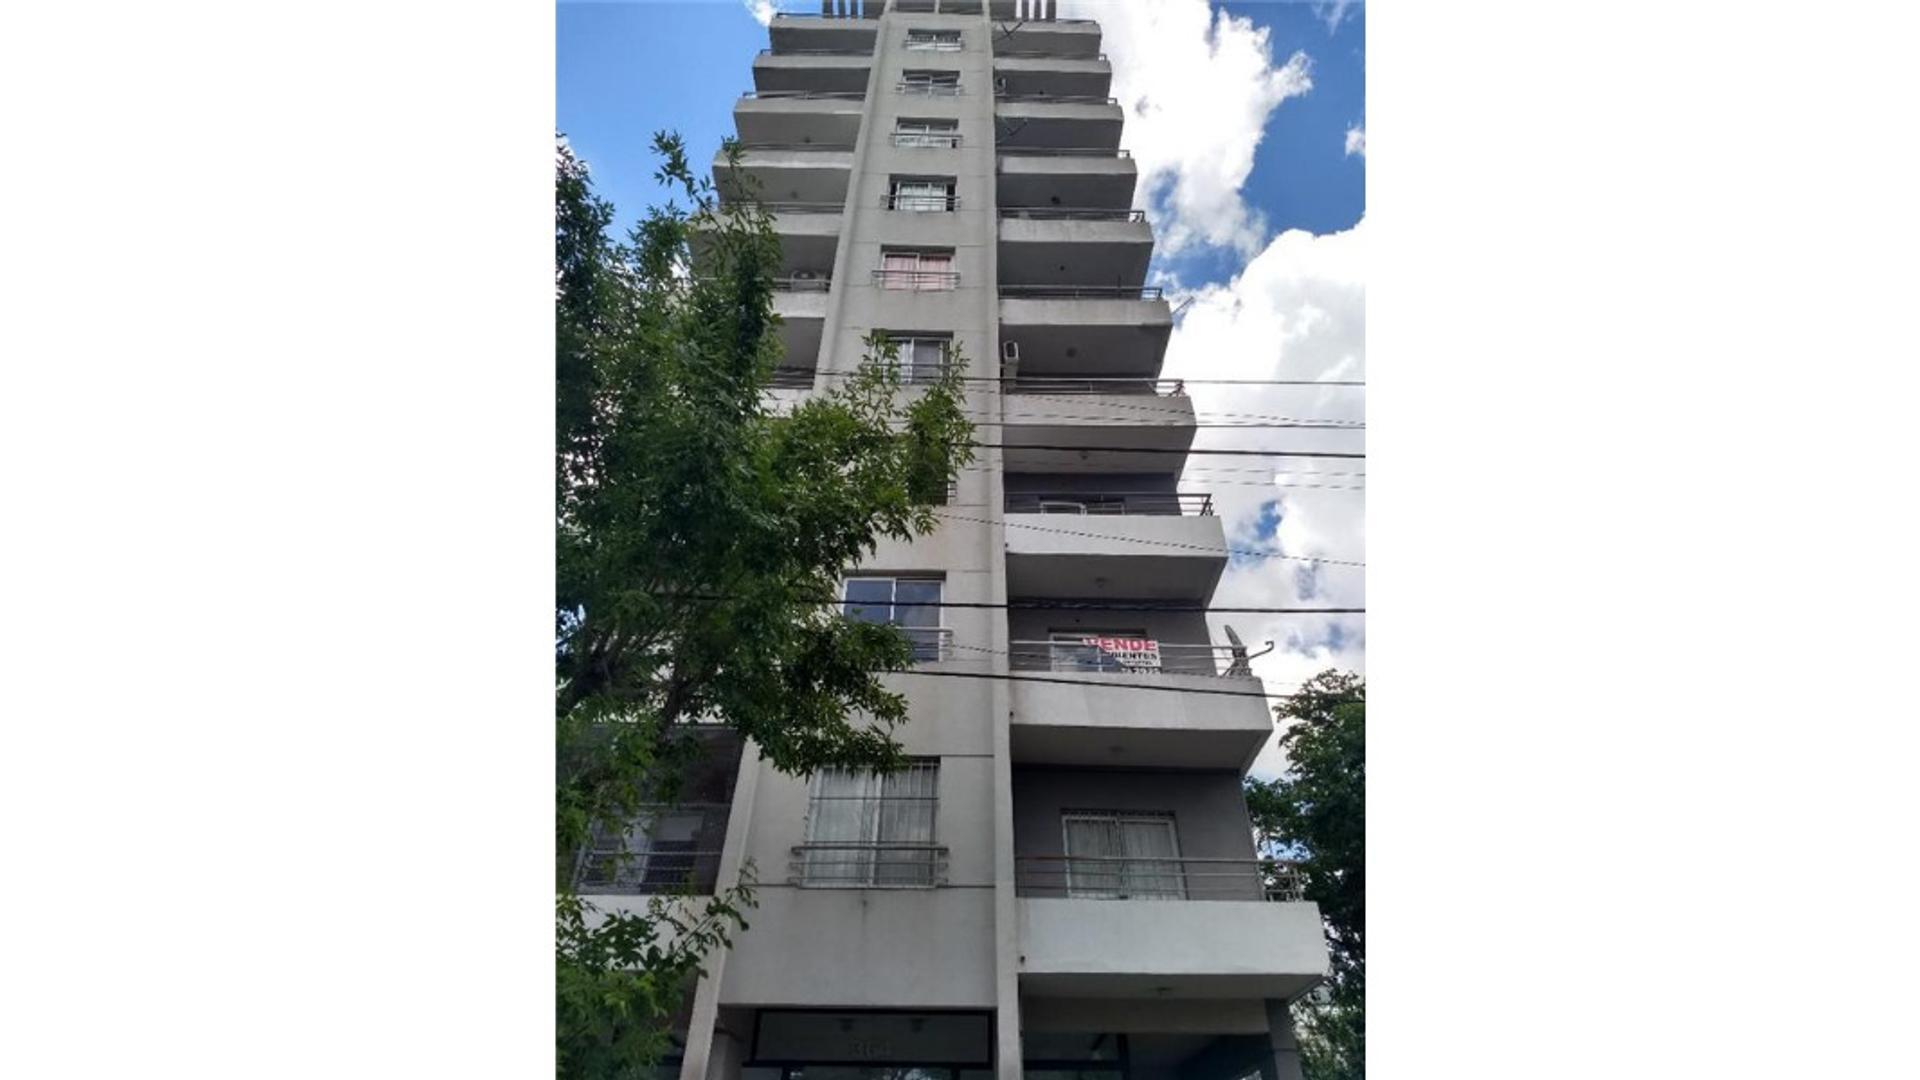 Centro De Pilar / L.lopez 100 - U$D 115.000 - Departamento en Venta